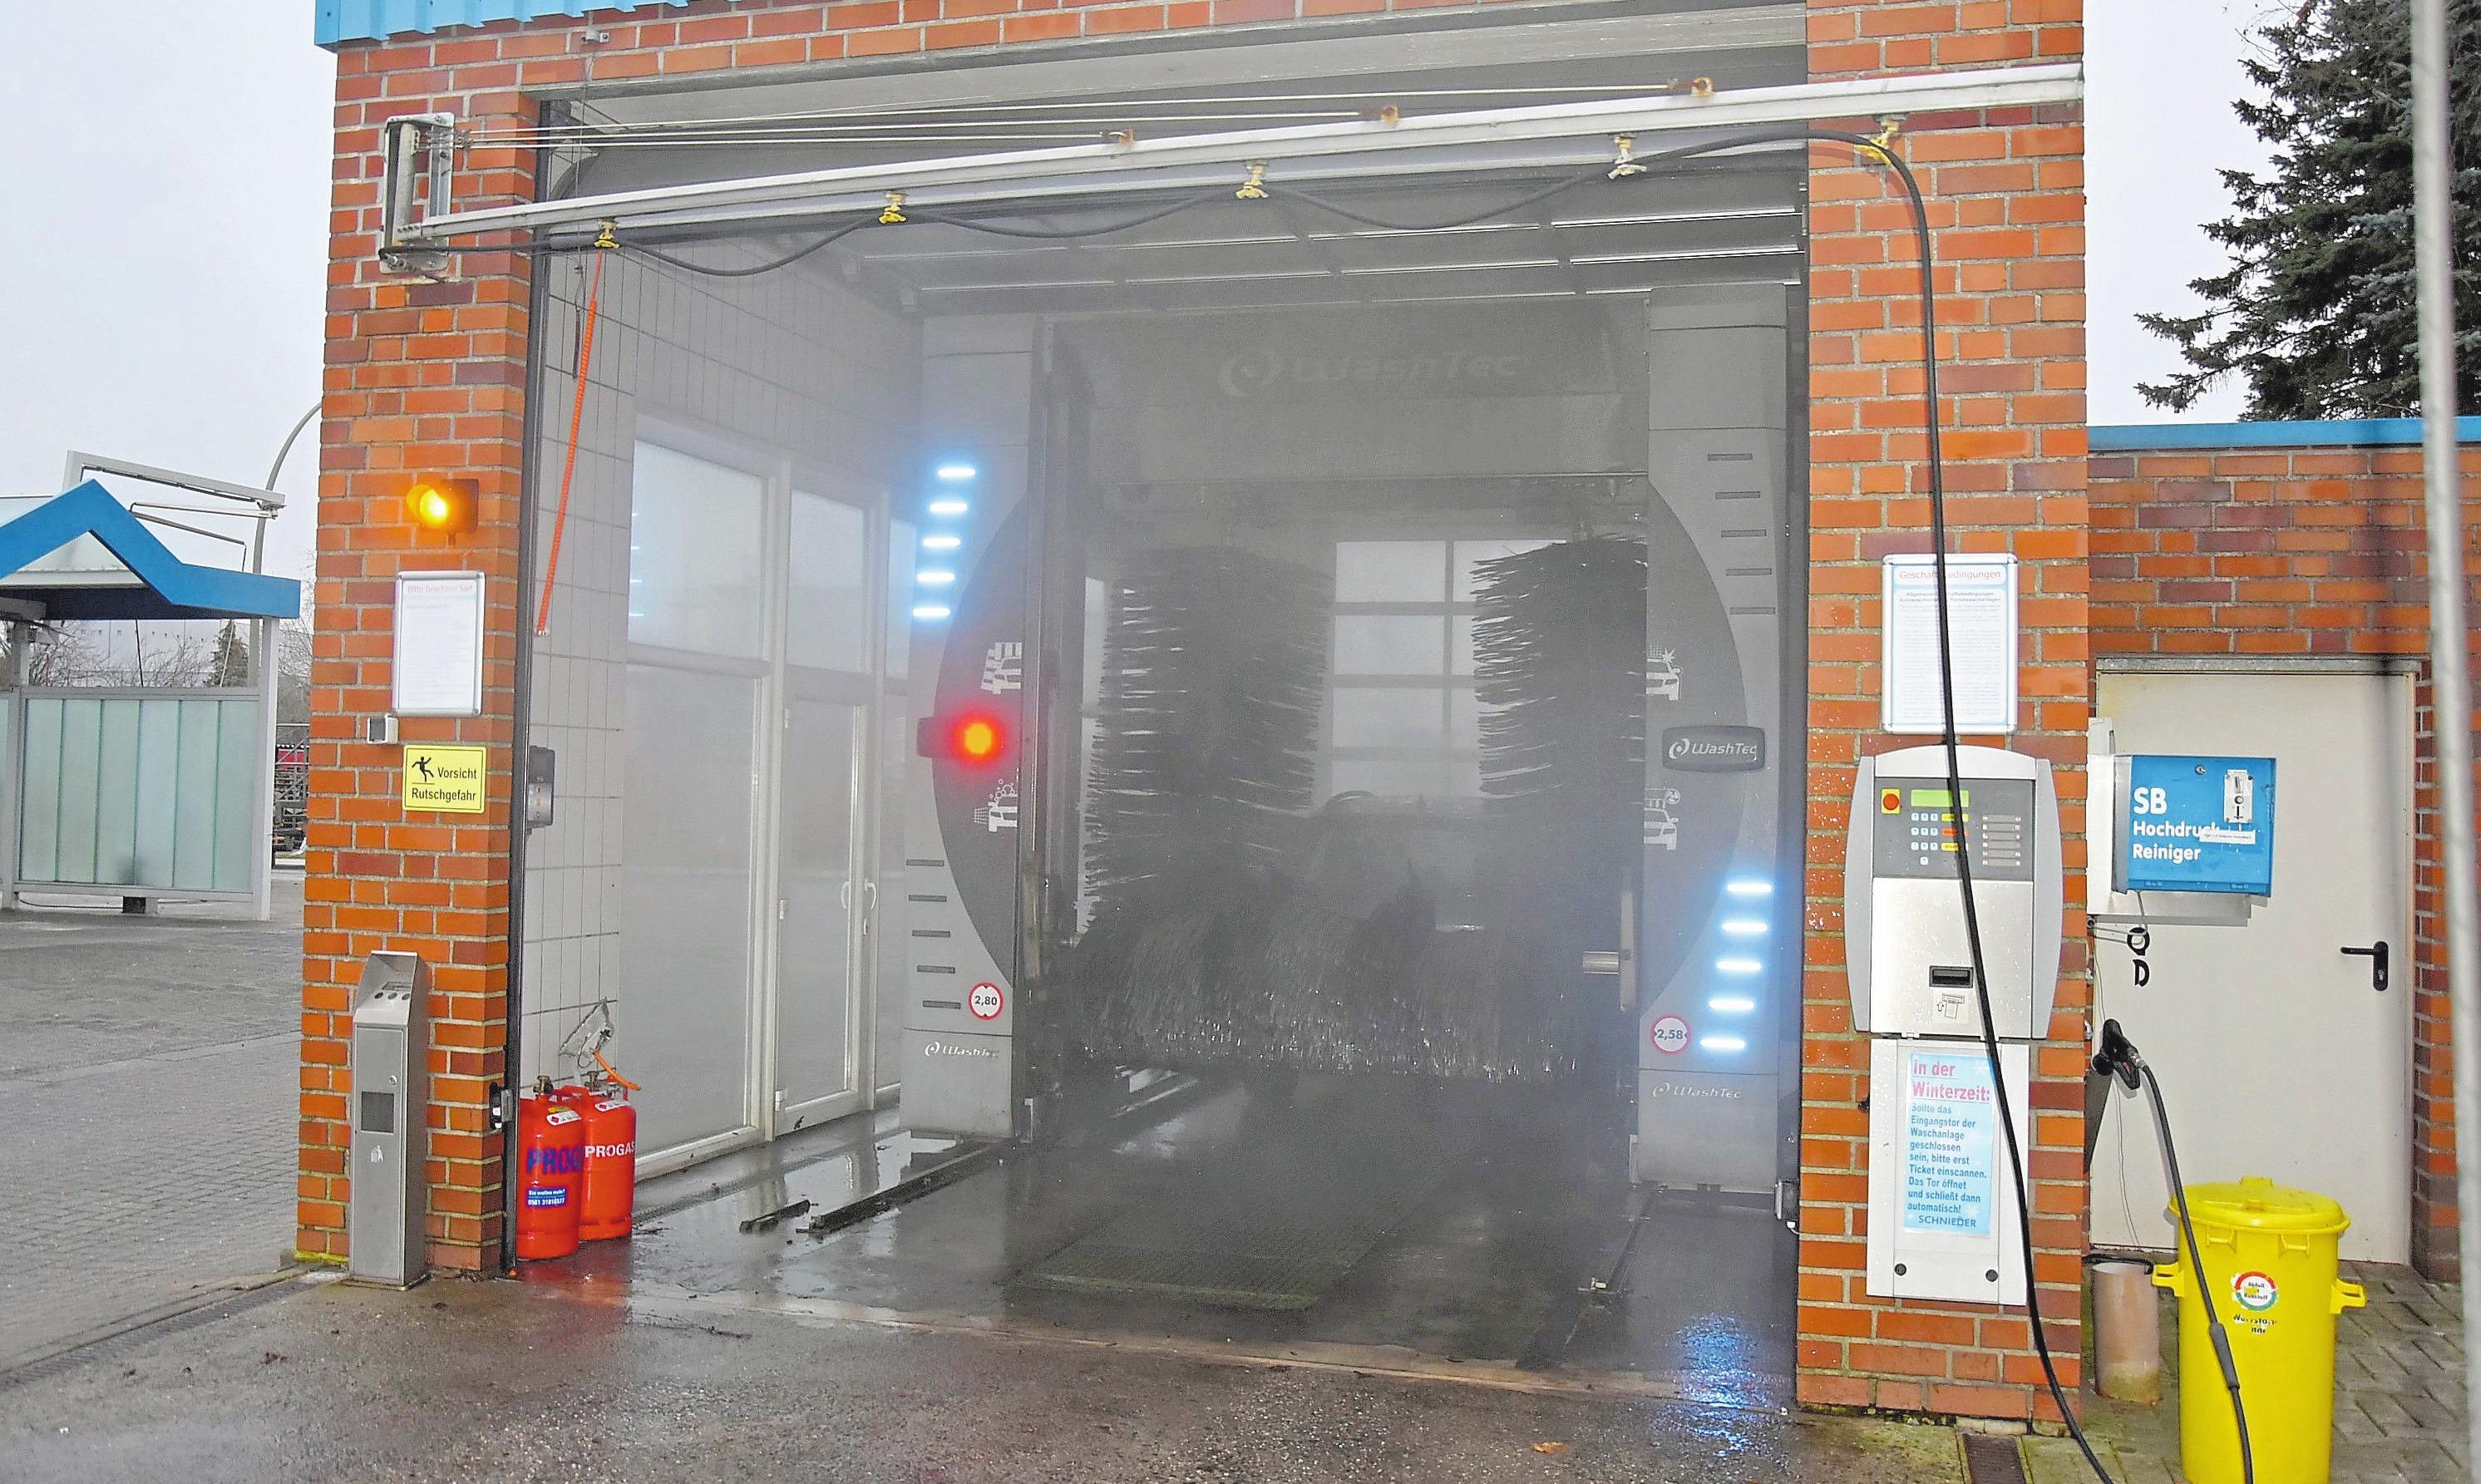 Die moderne Portalwaschanlage mit Wasseraufbereitung der W. Schnieder GmbH & Co. KG vollzieht eine schonende Reinigung auch im unteren Karosseriebereich.